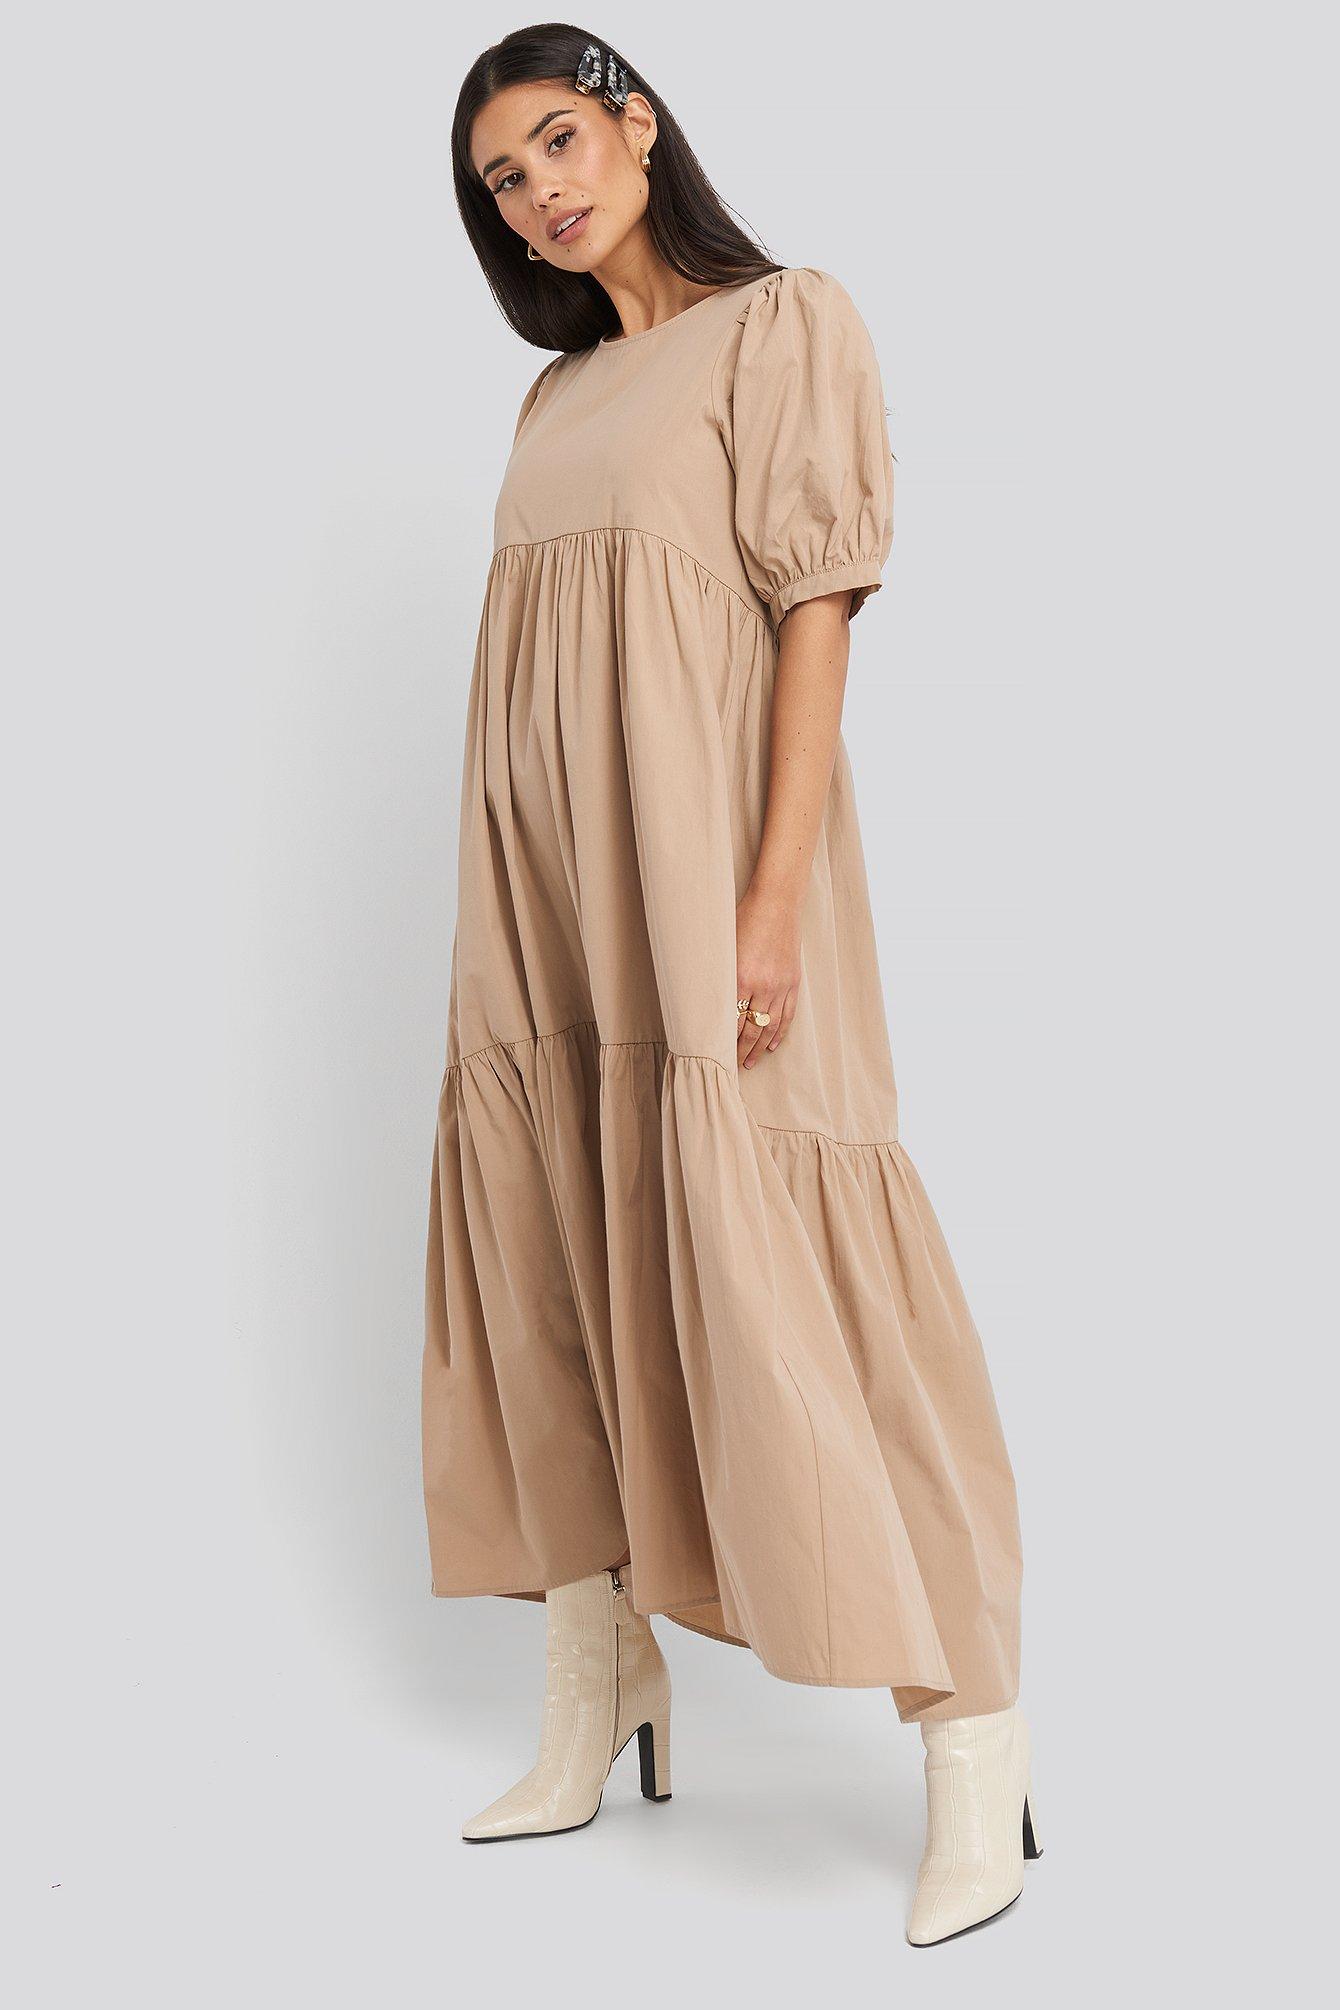 NA-KD Boho Puff Sleeve Pleated Tiered Midi Dress - Beige